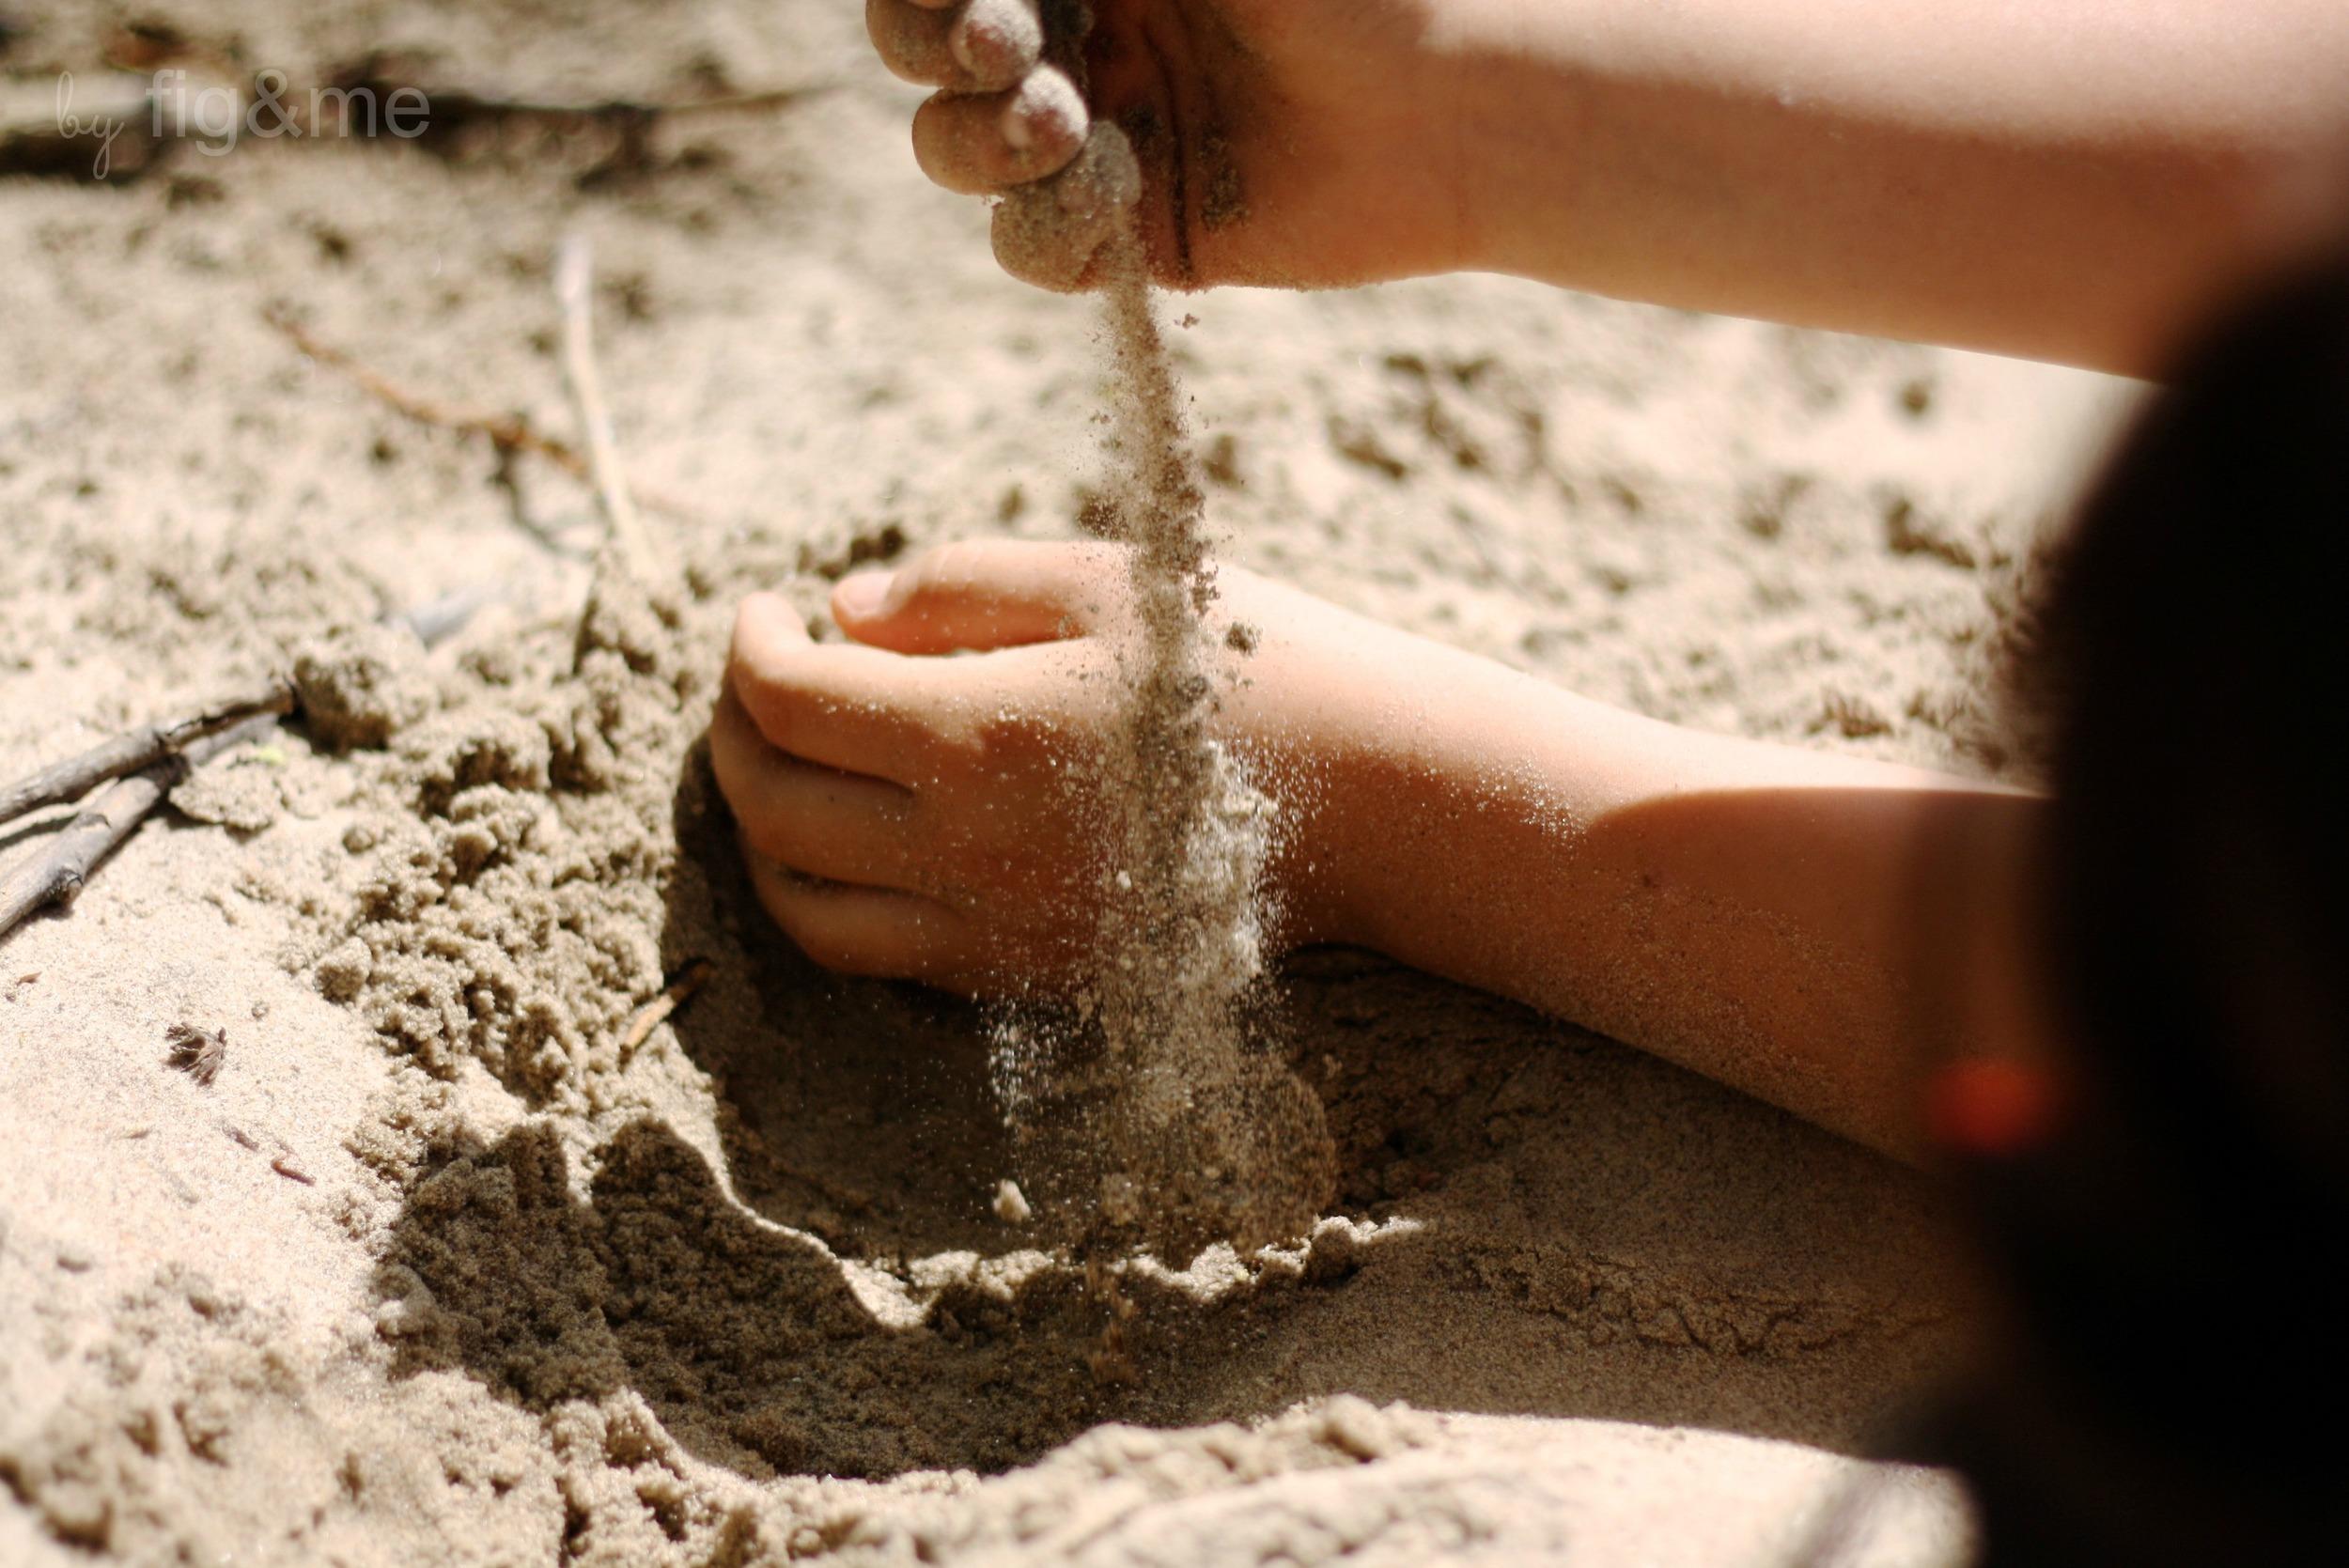 sand-between-my-fingers-figandme.jpg